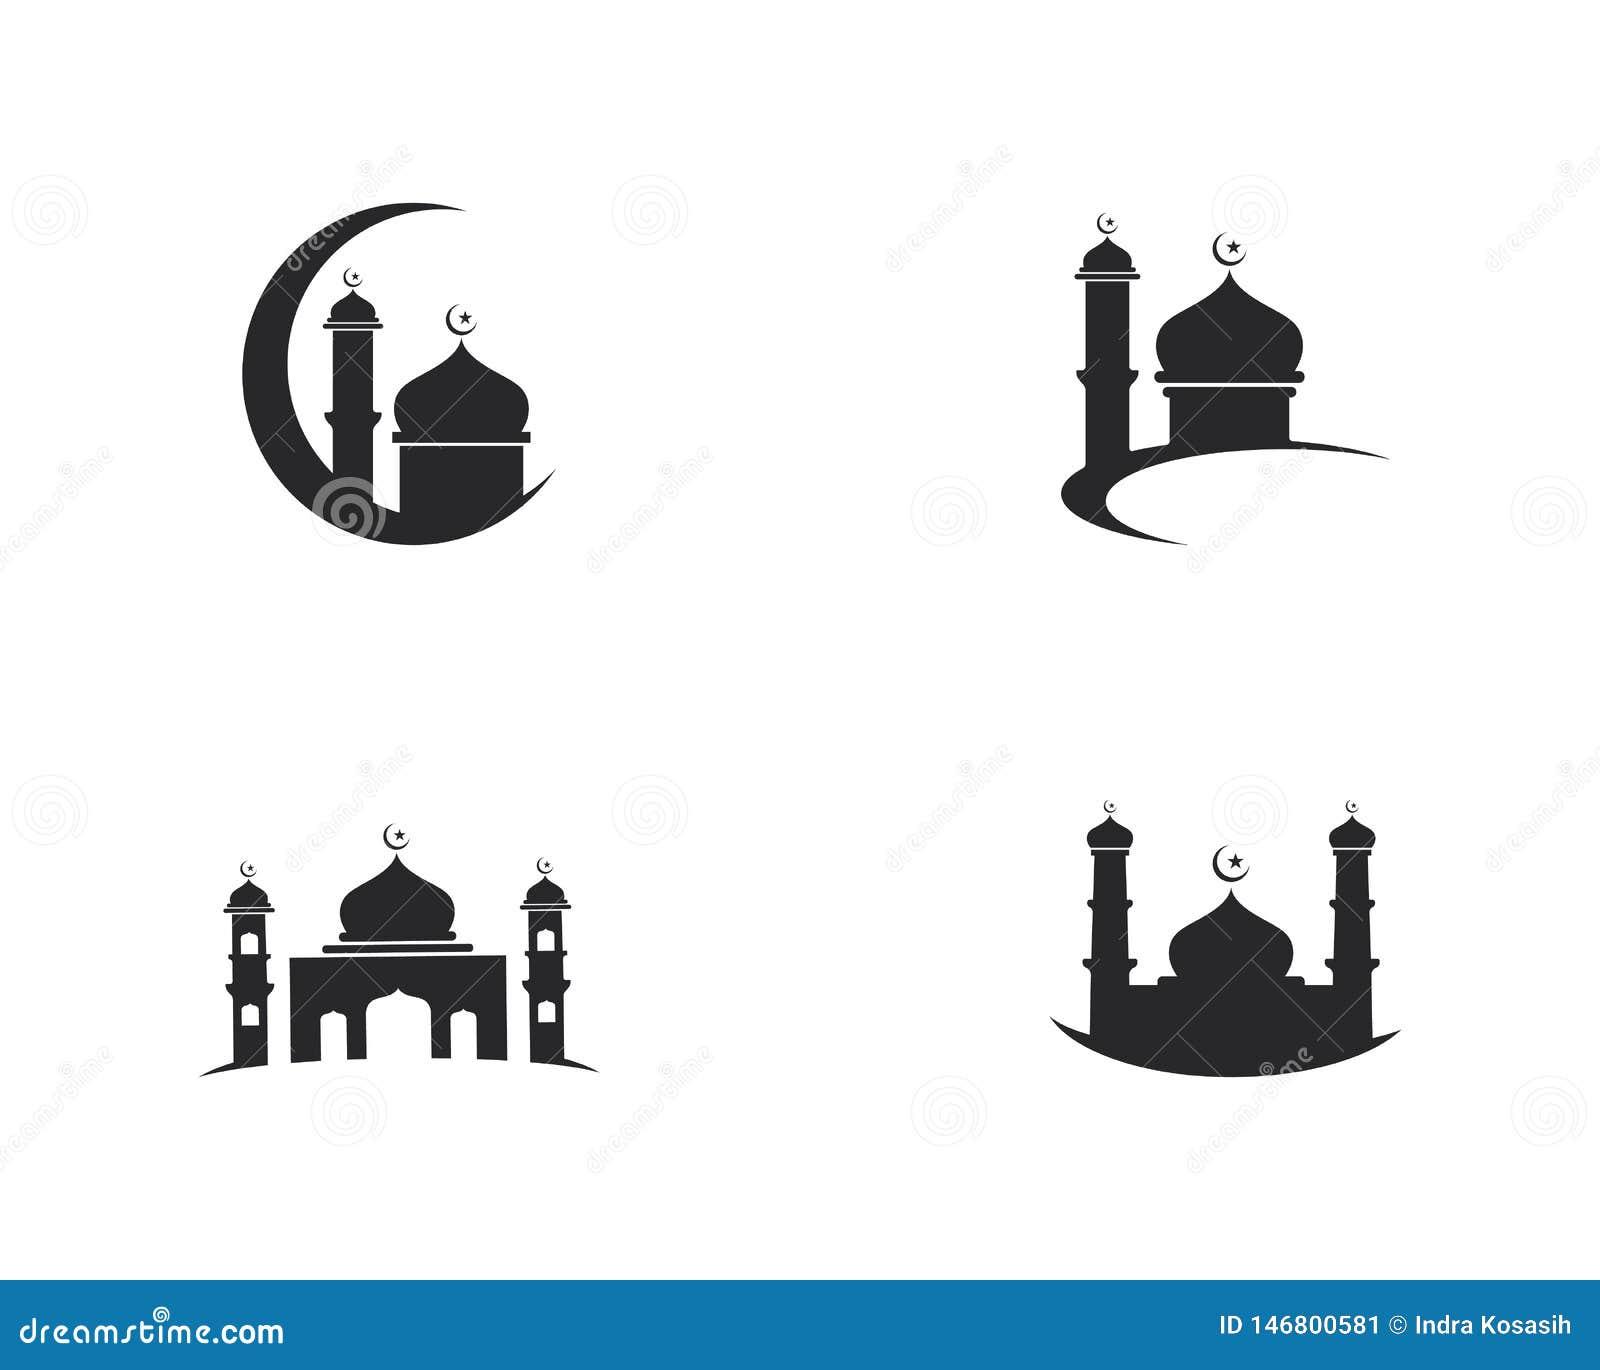 Dise?o musulm?n del ejemplo del vector del icono de la mezquita